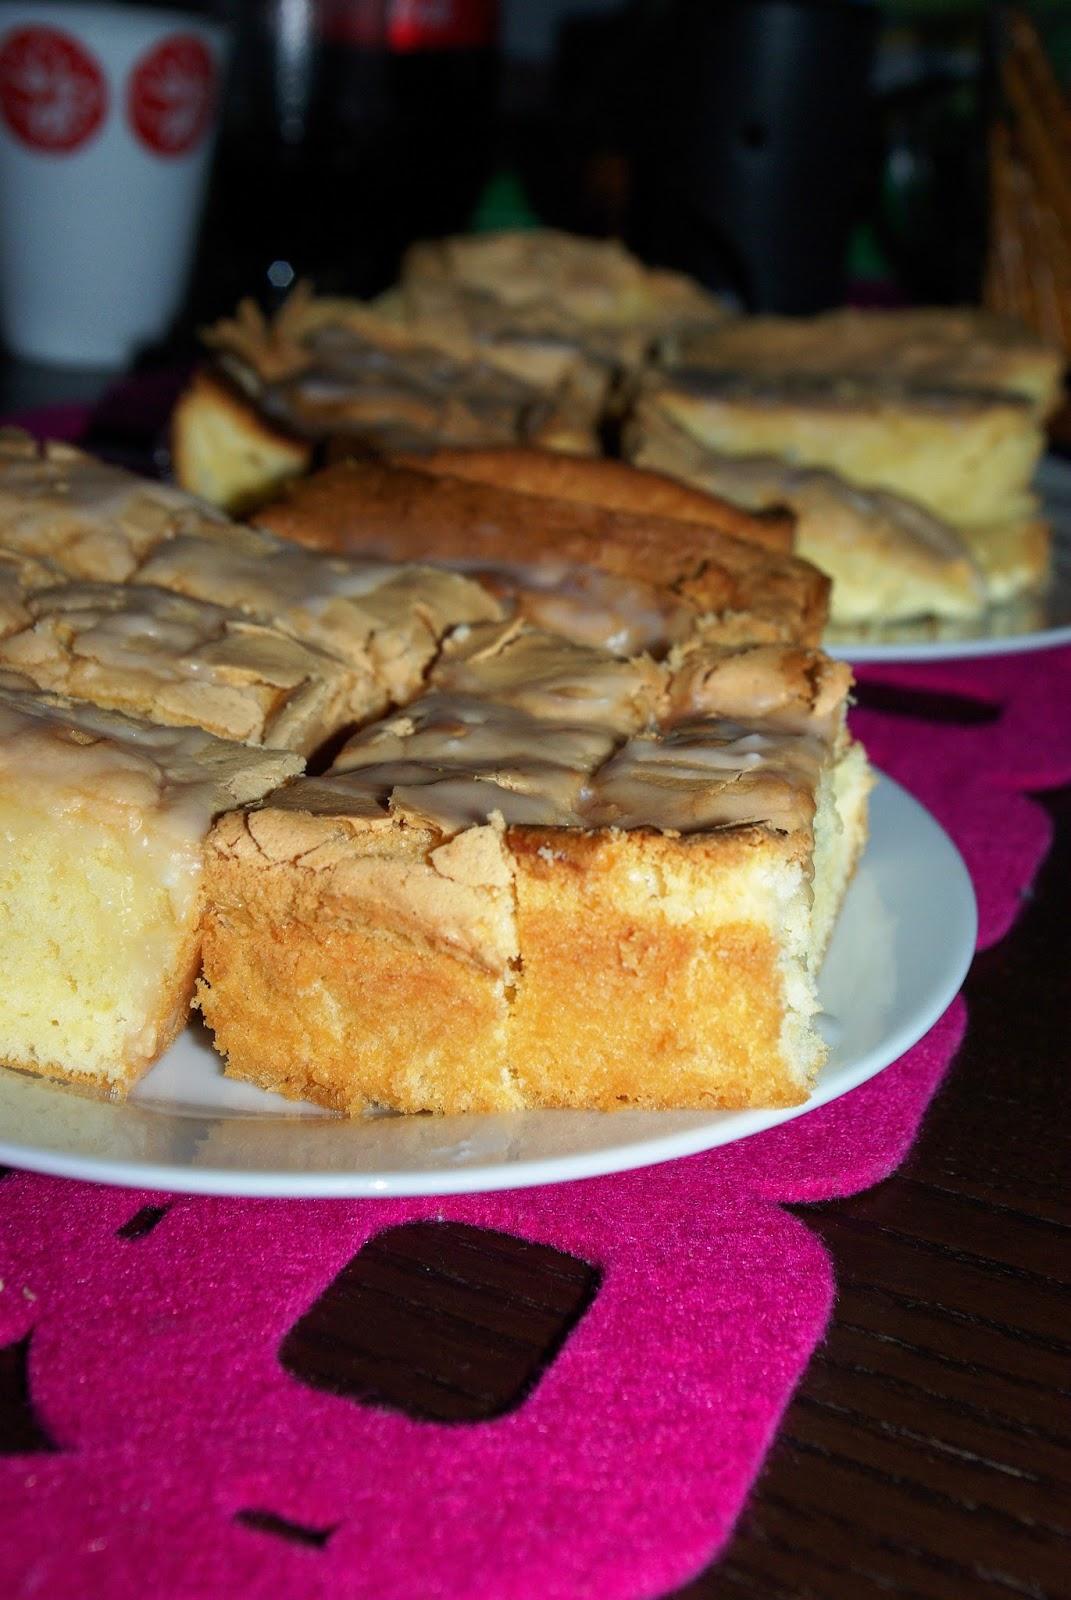 Szybkie i łatwe - Ciasto z majonezem